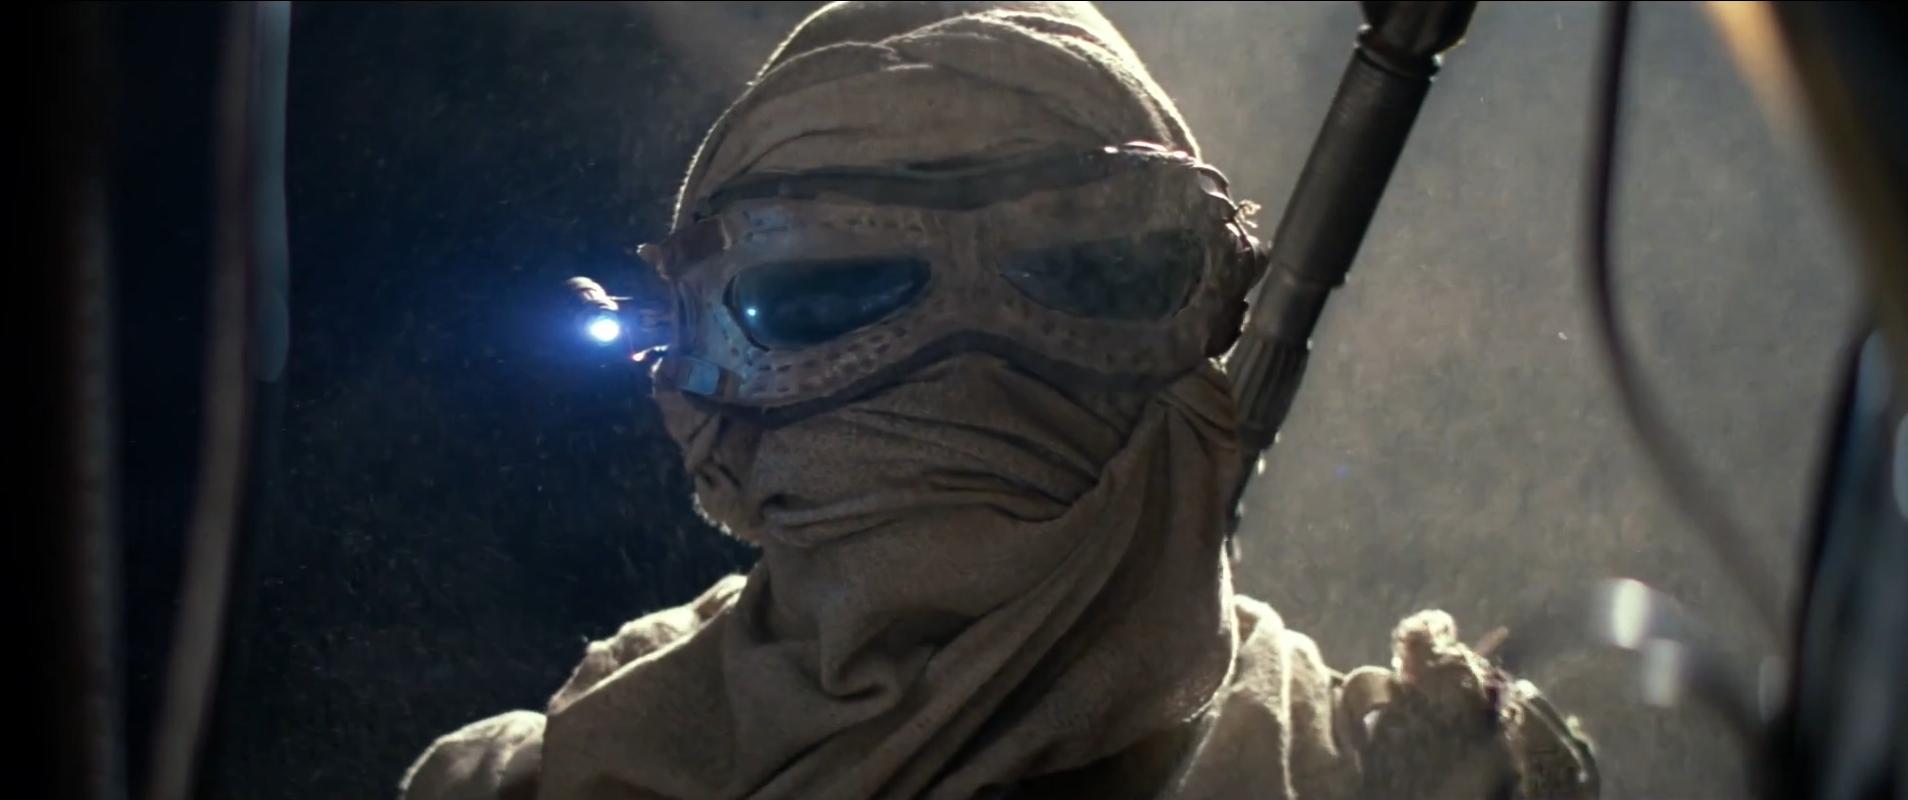 Rey scavenging